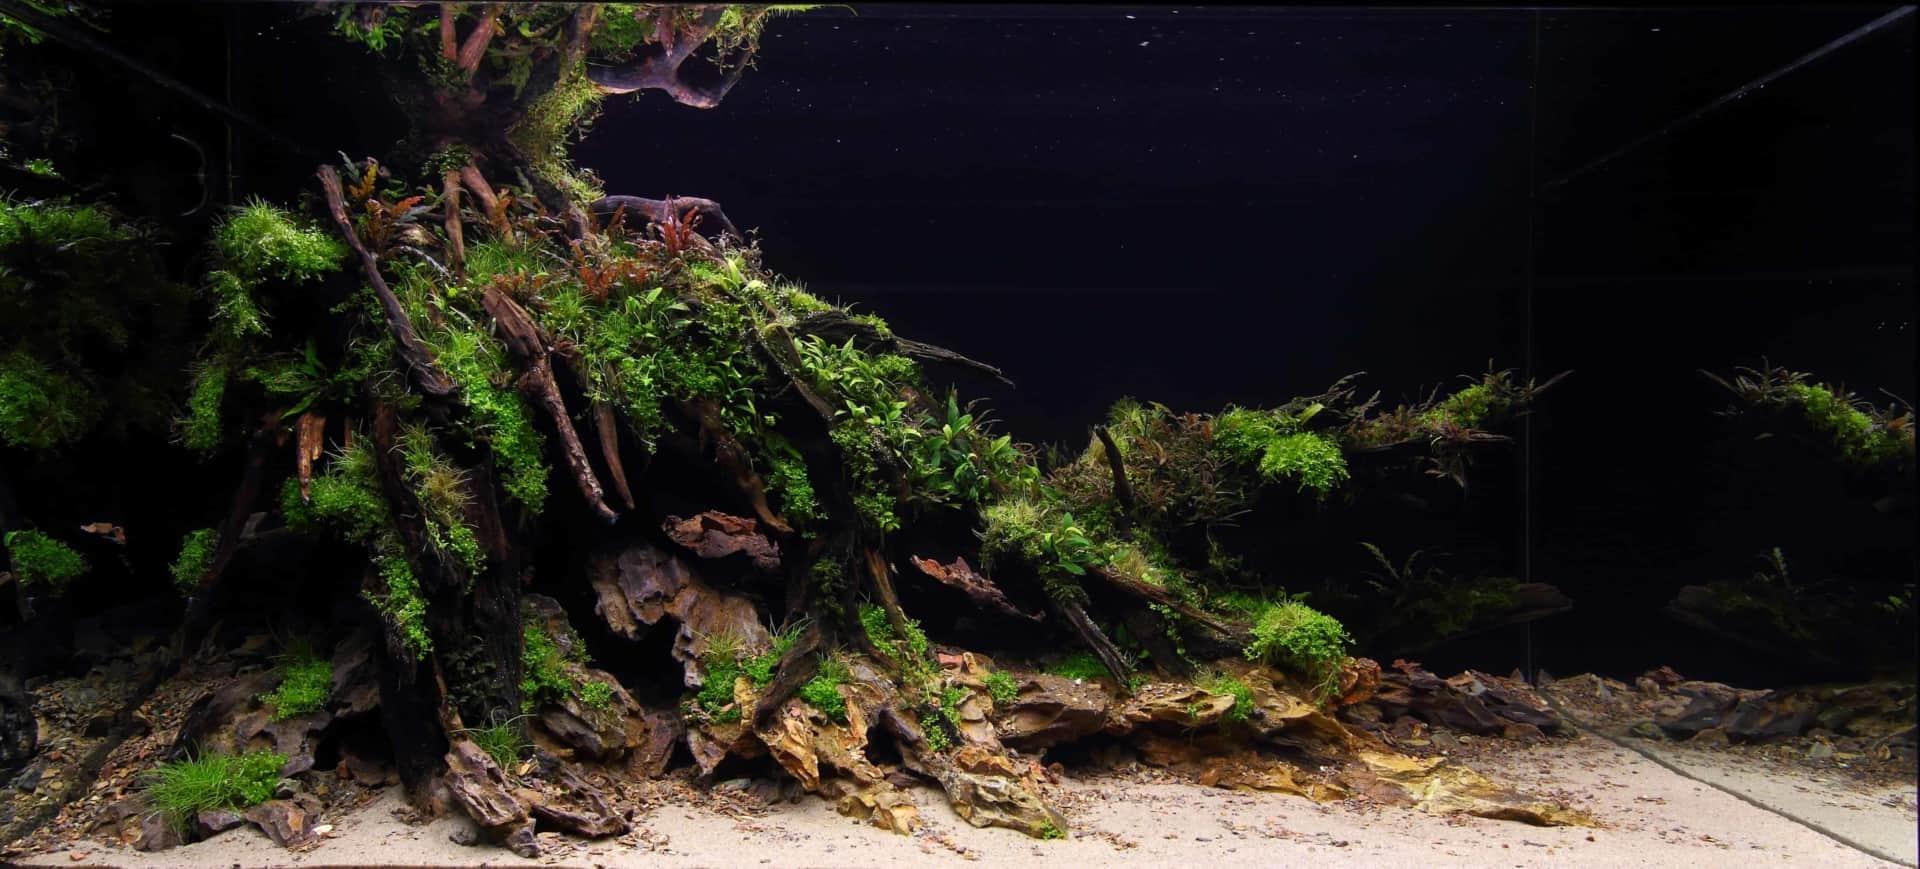 191 - The Art of the Planted Aquarium - Neuheiten und Möglichkeiten zum Mitmachen im April 2019 (Stefanie Hesse) 45